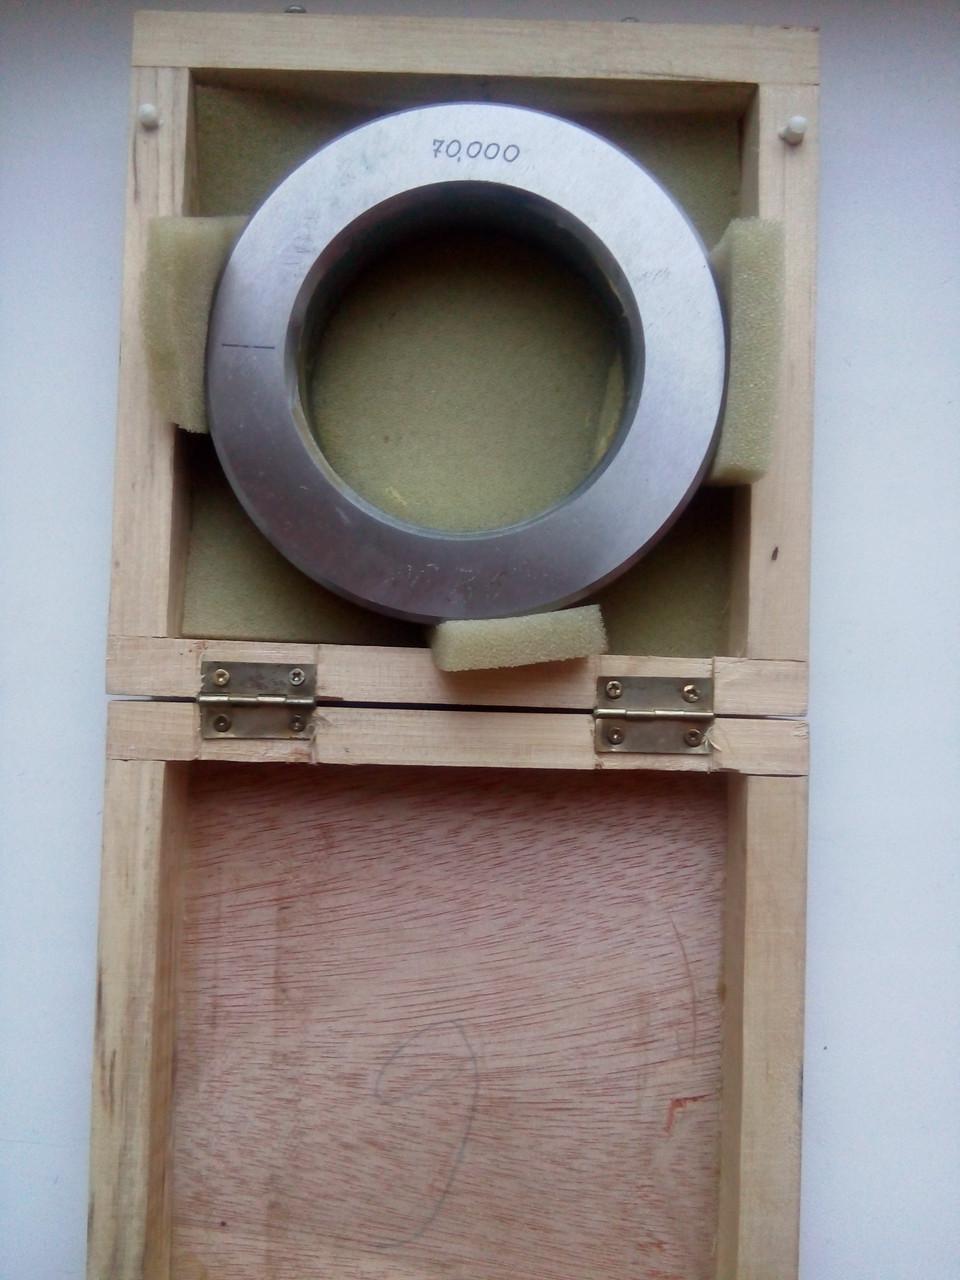 Кольца измерительные образцовые 70 мм мод. 929.4 и 931.1 (з-д Калибр) 4 разряд,возможна калибровка в УкрЦСМ